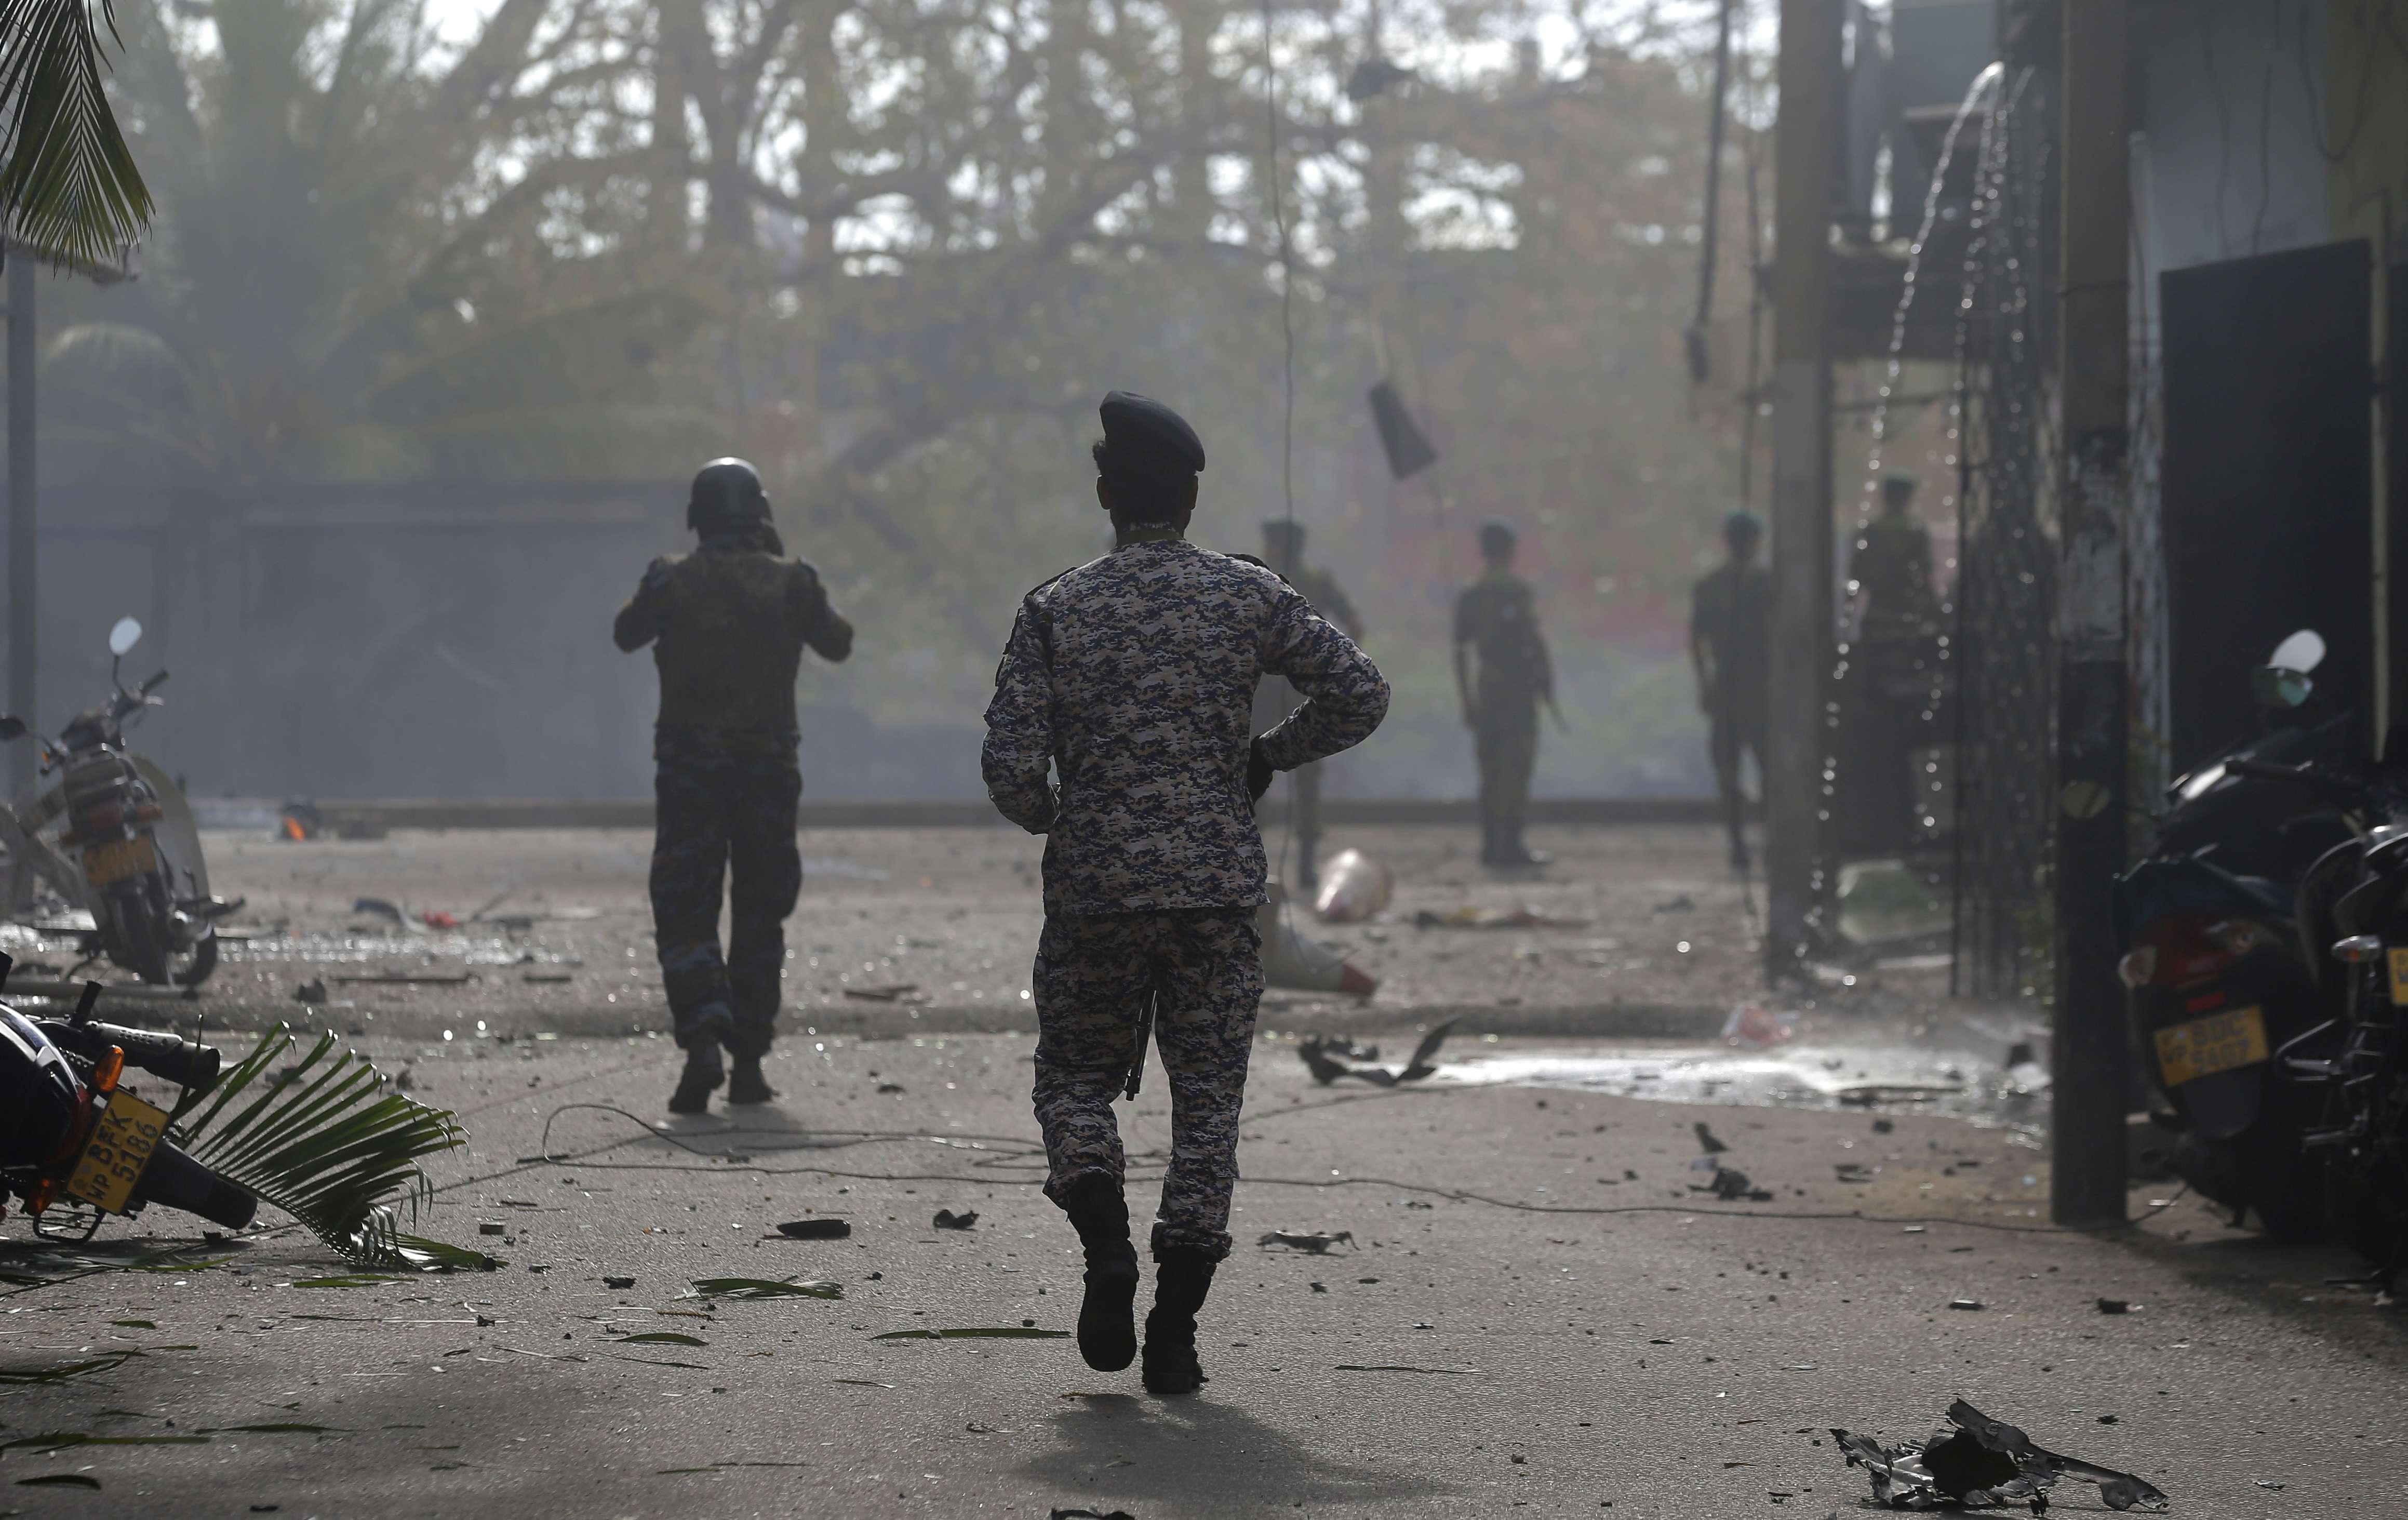 Precisamente en otro 21 de abril, de 1987, la explosión de un coche bomba causó la muerte de más de 150 personas en Colombo.